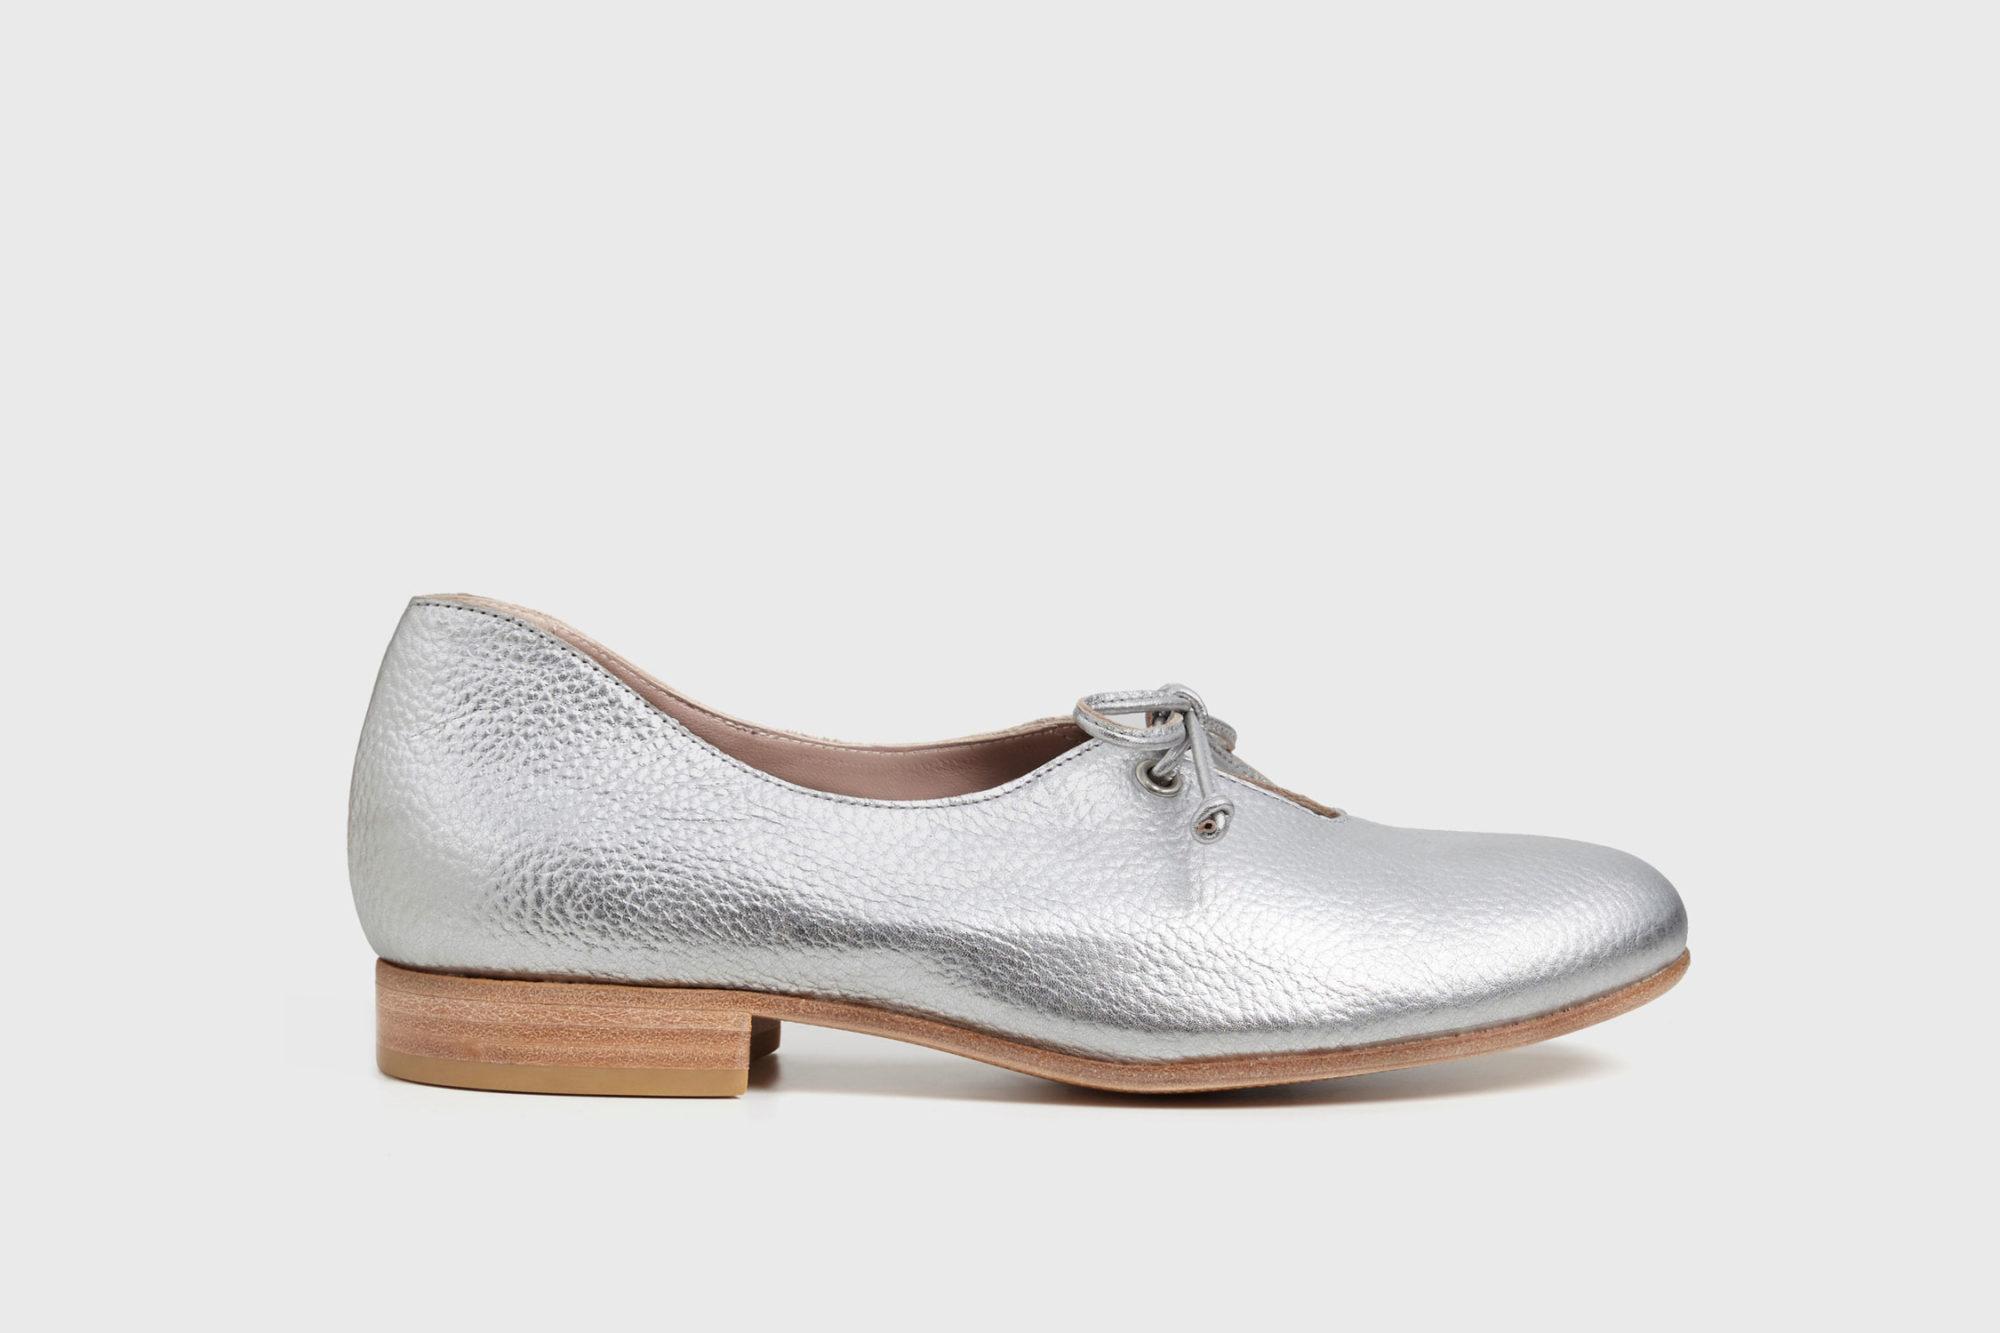 Dorotea zapato de cordones Carrie plateado ss17 perfil